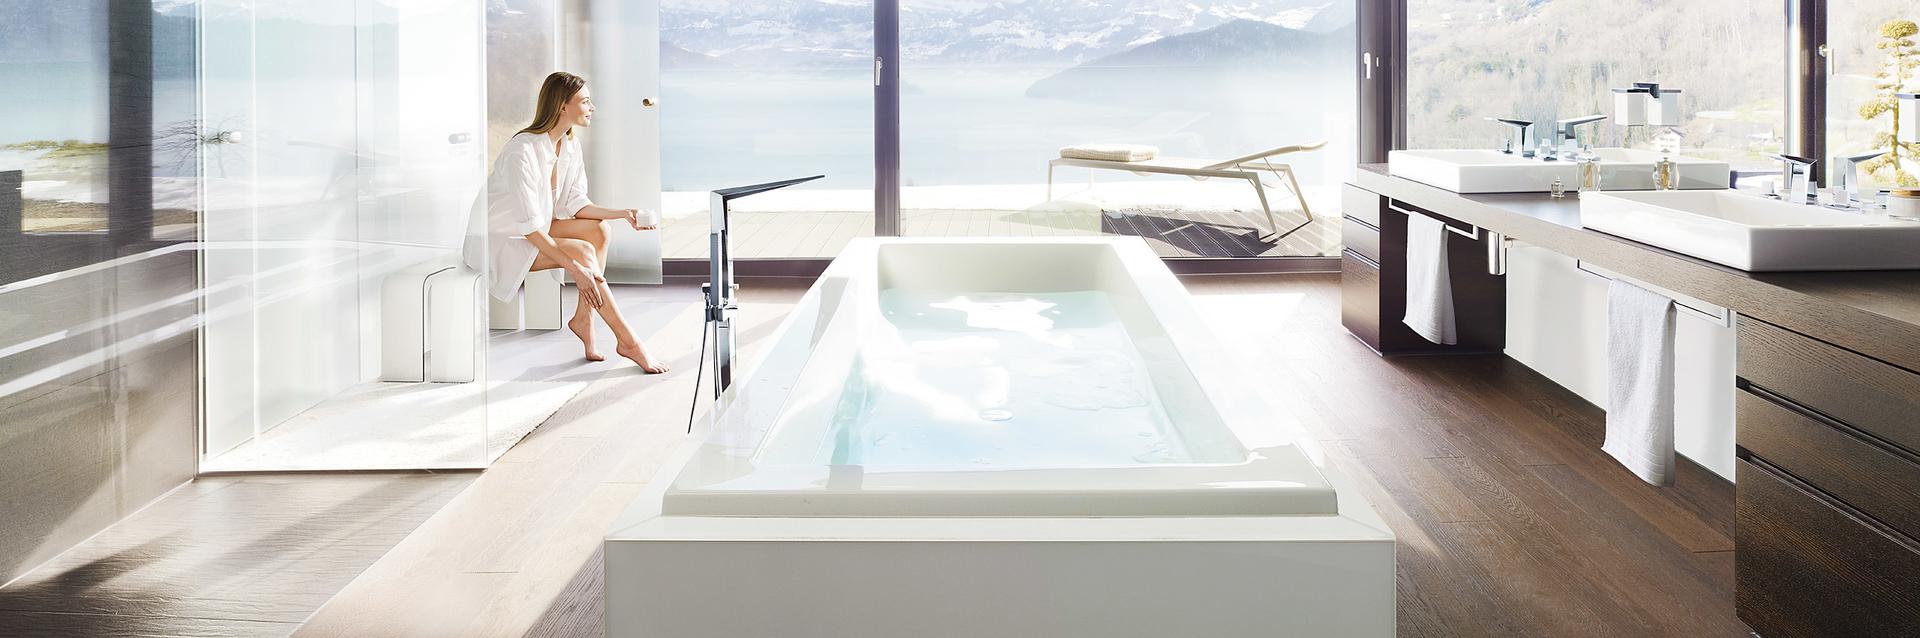 Badkraan met vrijstaand bad in ruime badkamer